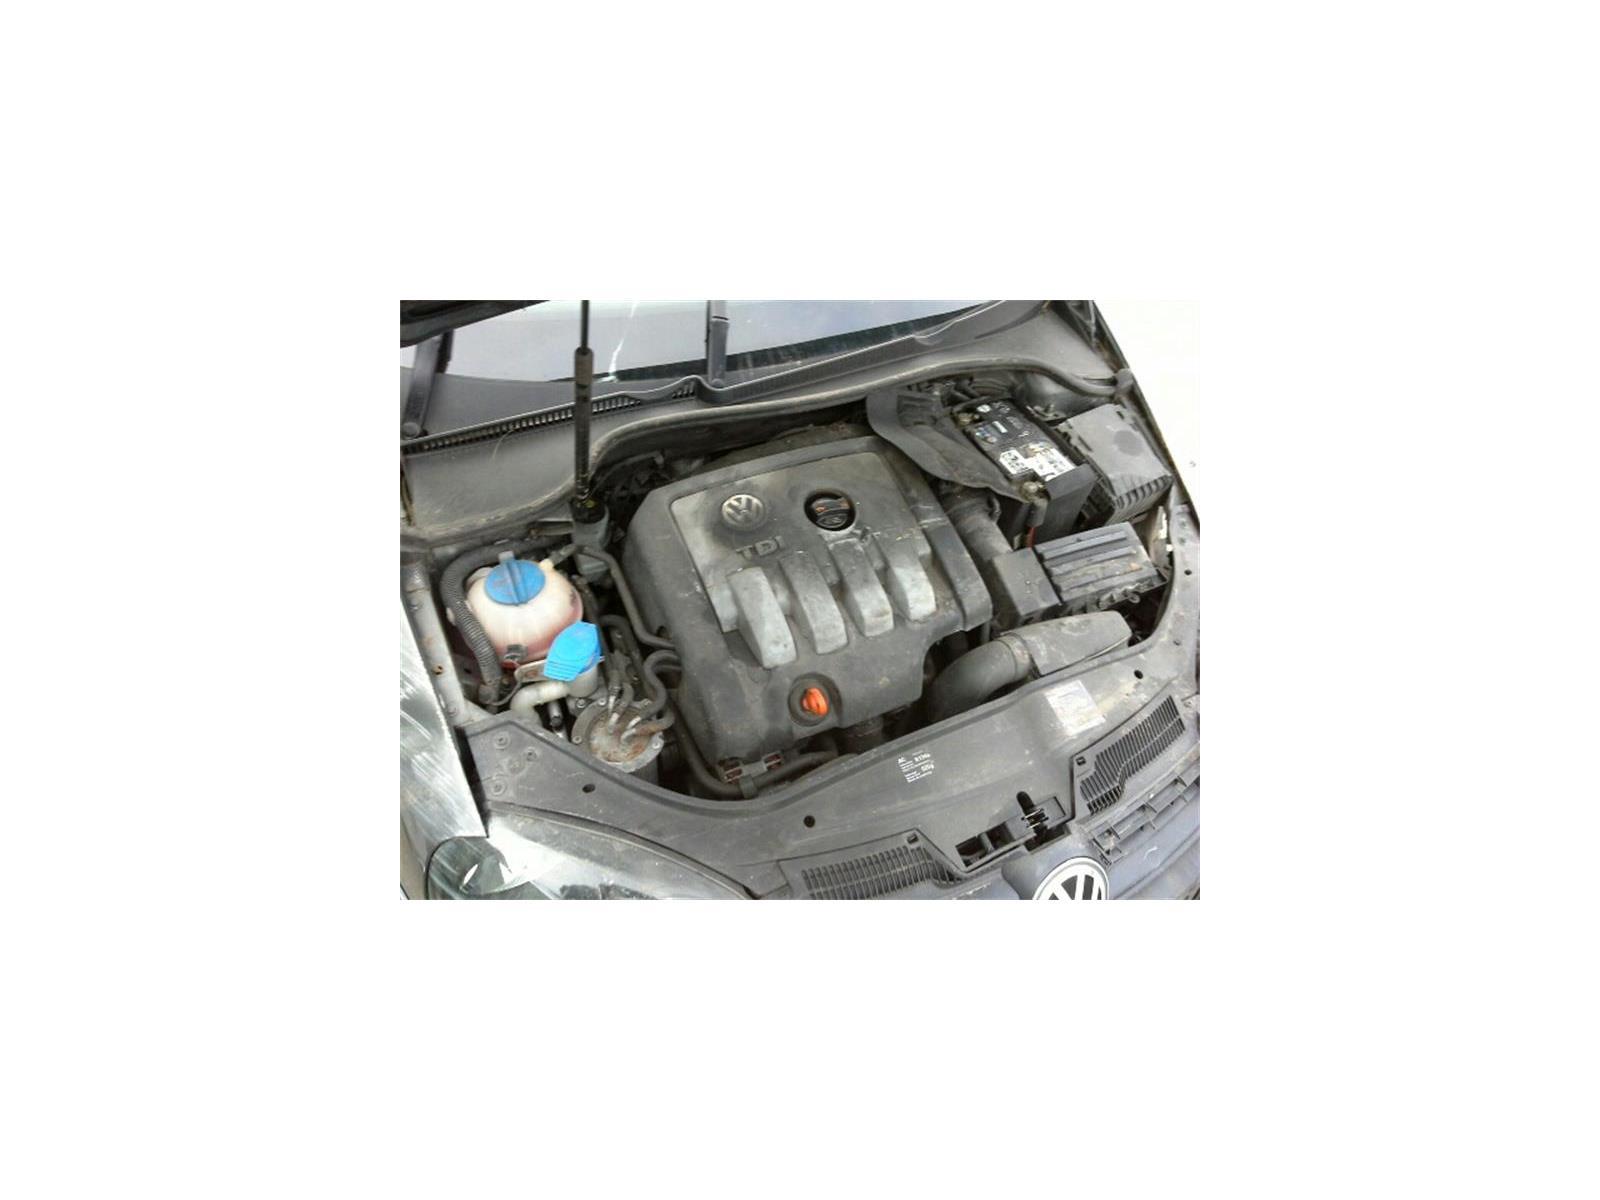 2008 Volkswagen Golf (mk5) 2003 To 2009 3 Door Hatchback (Diesel